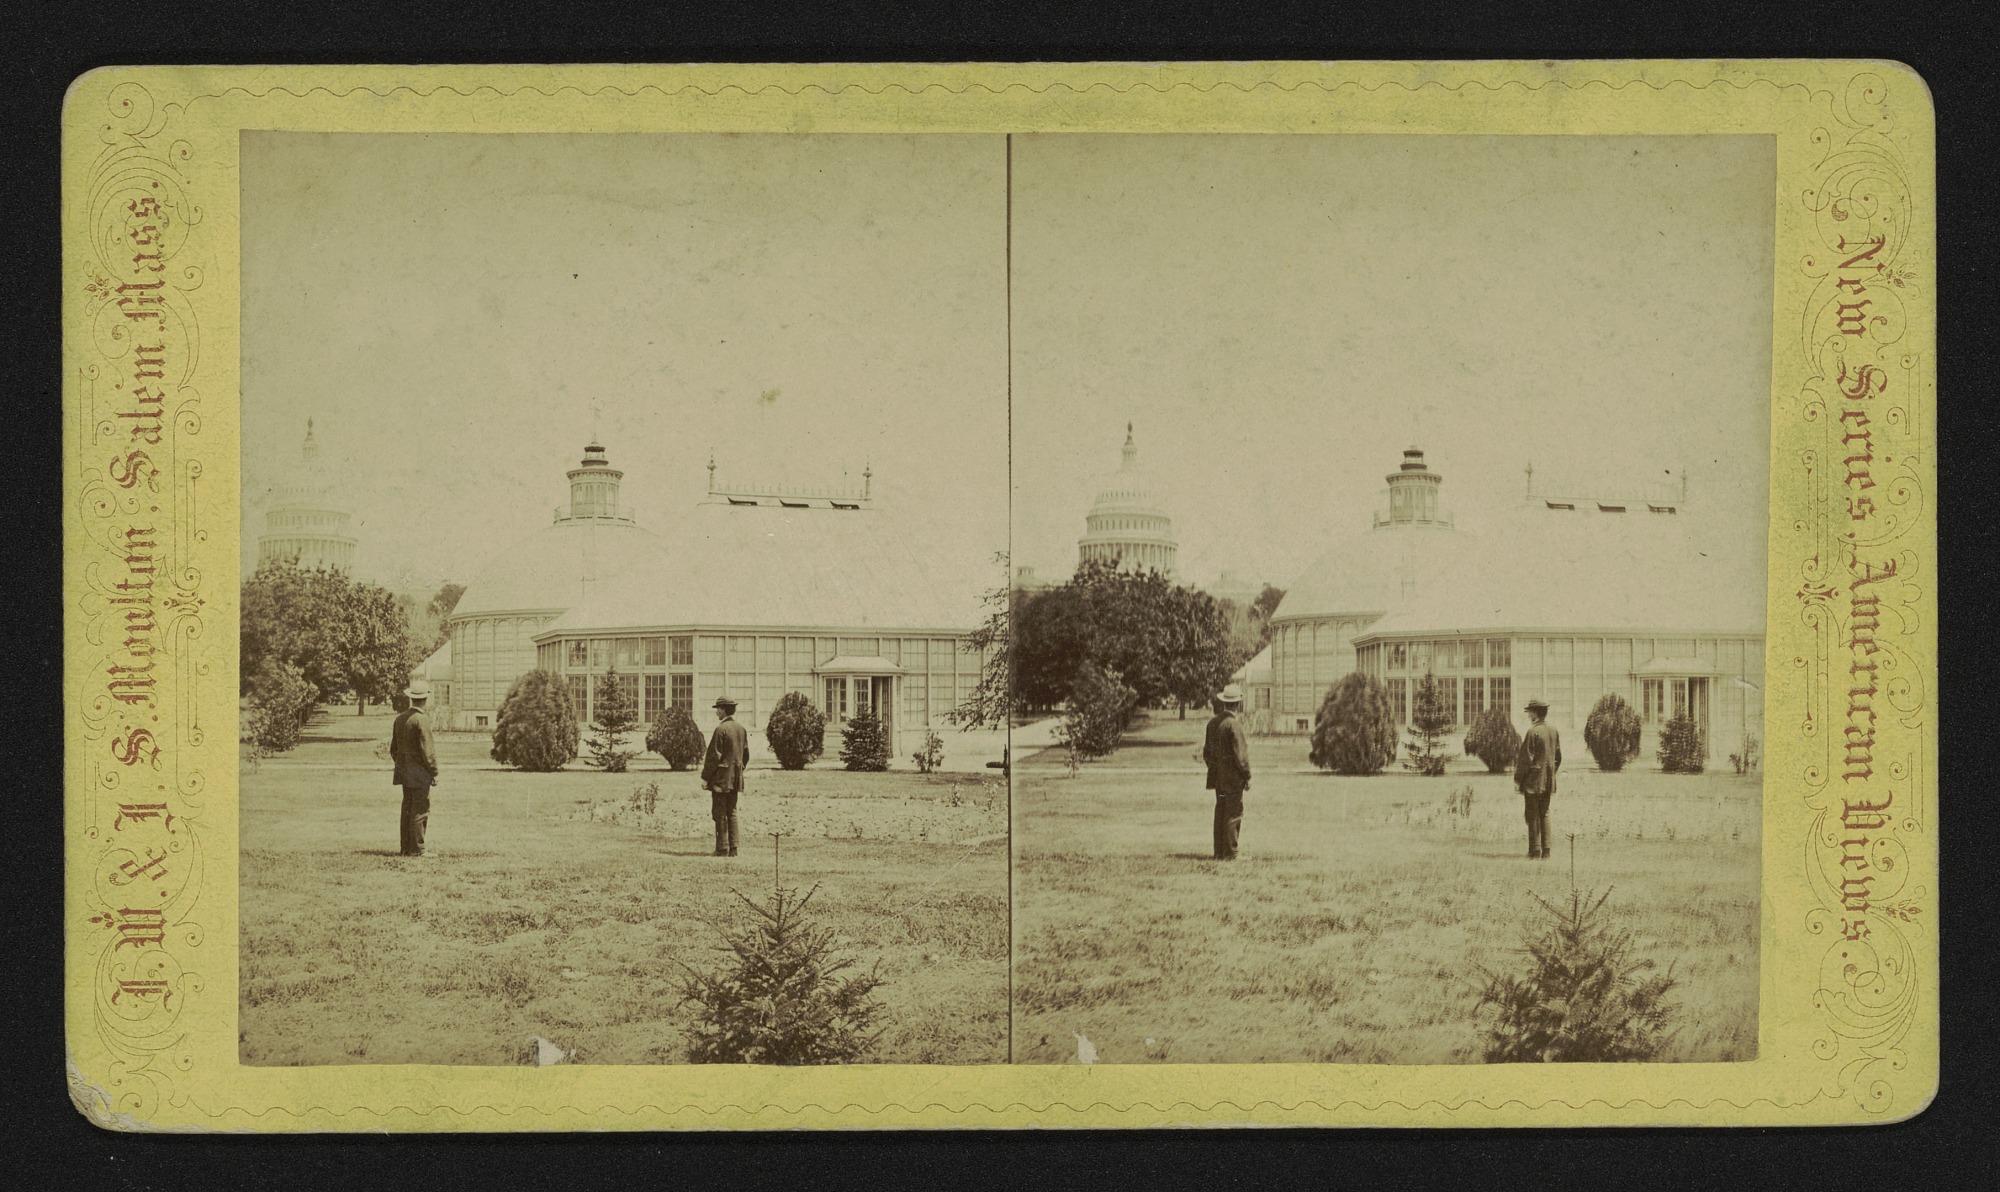 1820 U.S. Botanic Garden